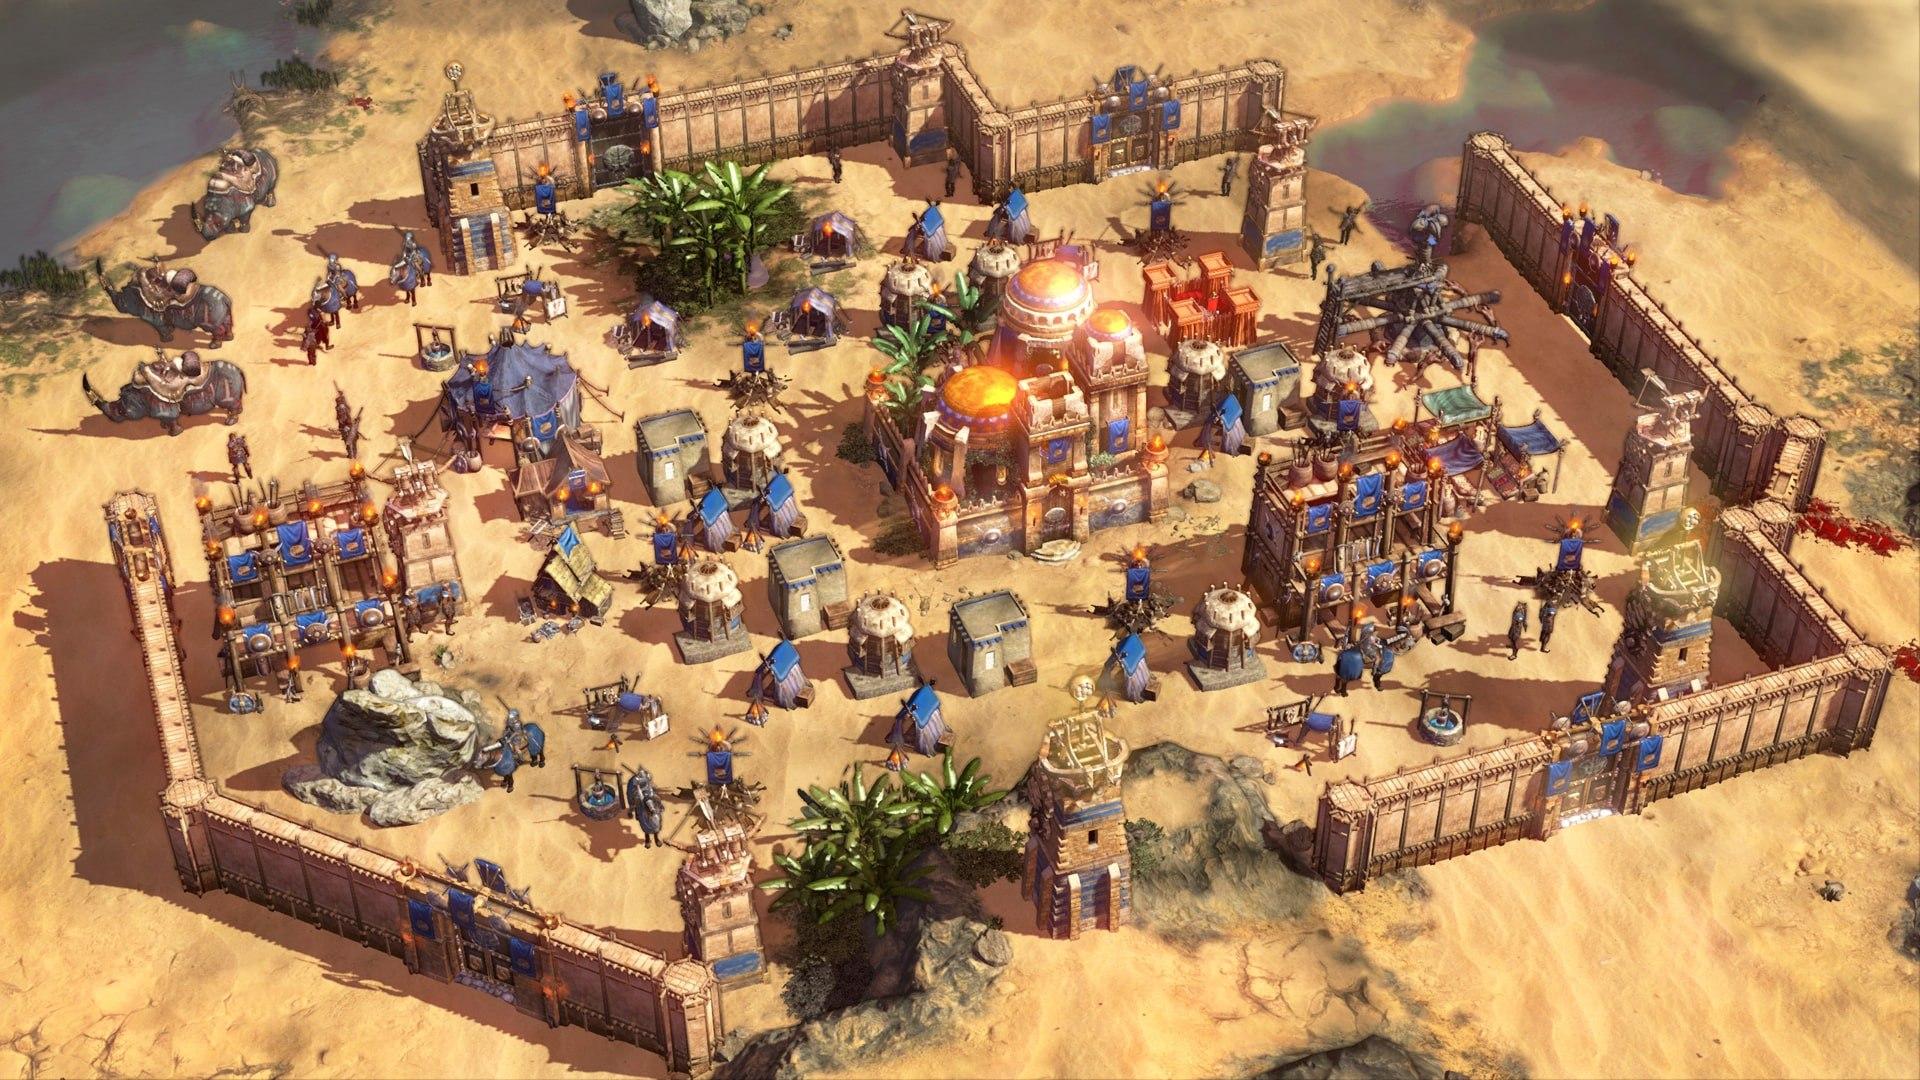 سی دی کی اریجینال استیم بازی Conan Unconquered